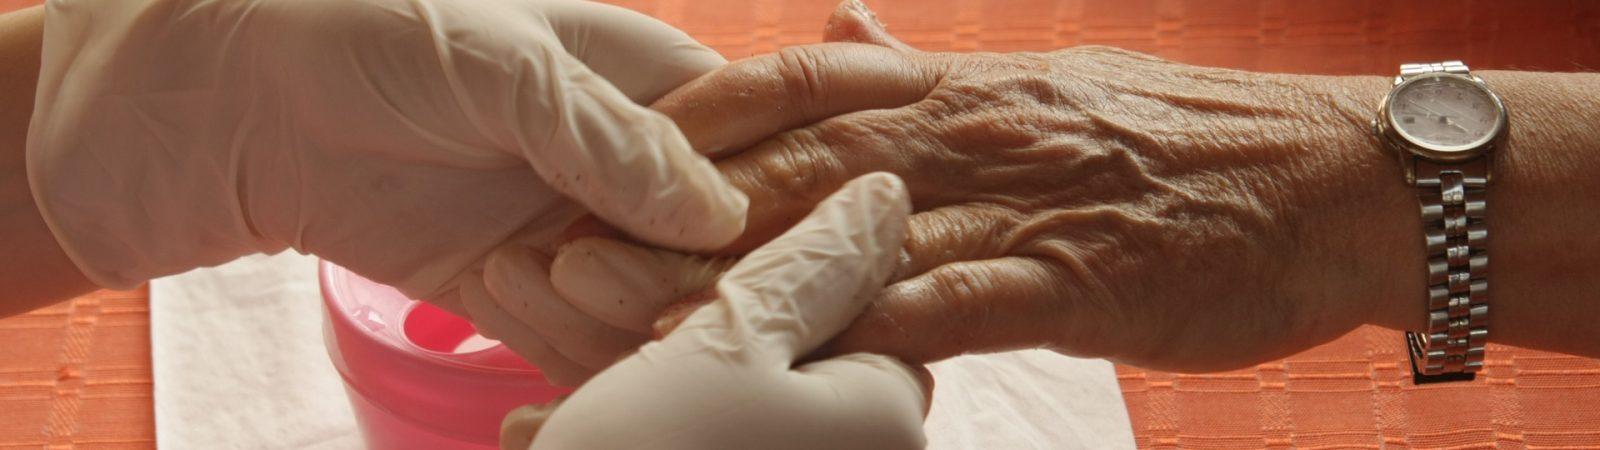 Un estudio internacional liderado por la Fundación Pasqual Maragall ha encontrado una manera para detectar la fase inicial del Alzheimer.